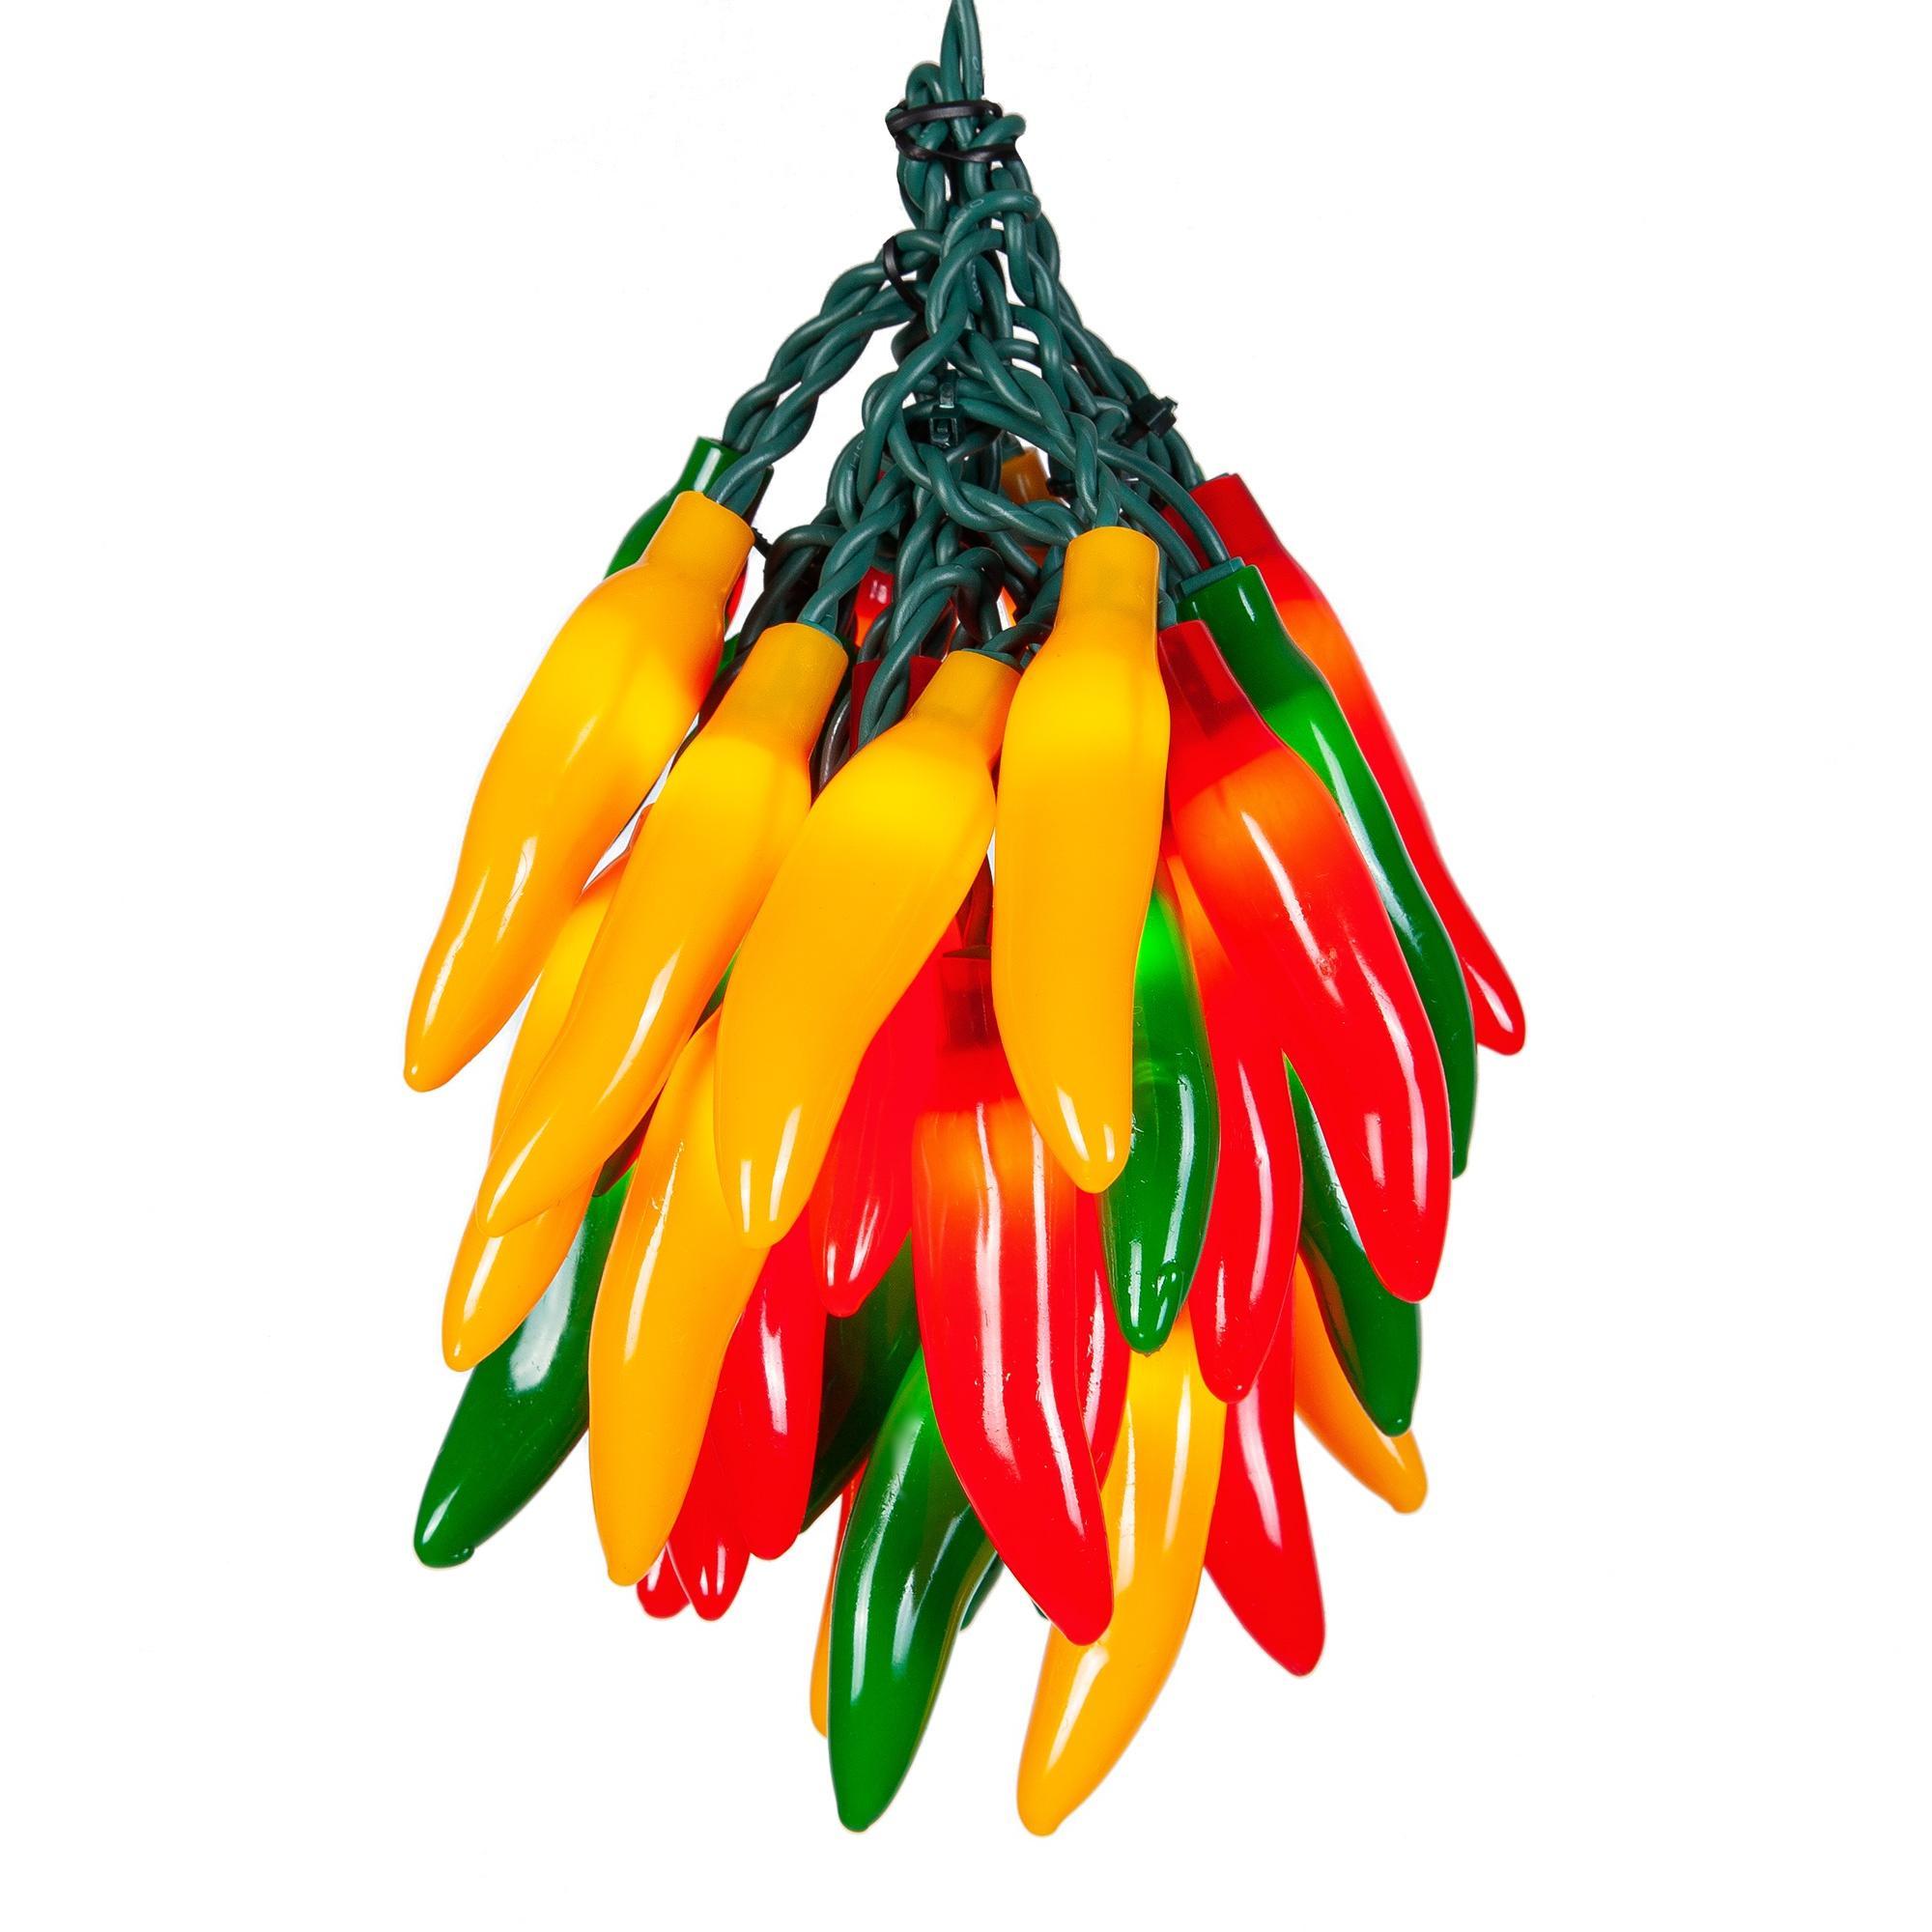 Novelty Lights - Chili Pepper Cluster Light Set, 35 ...